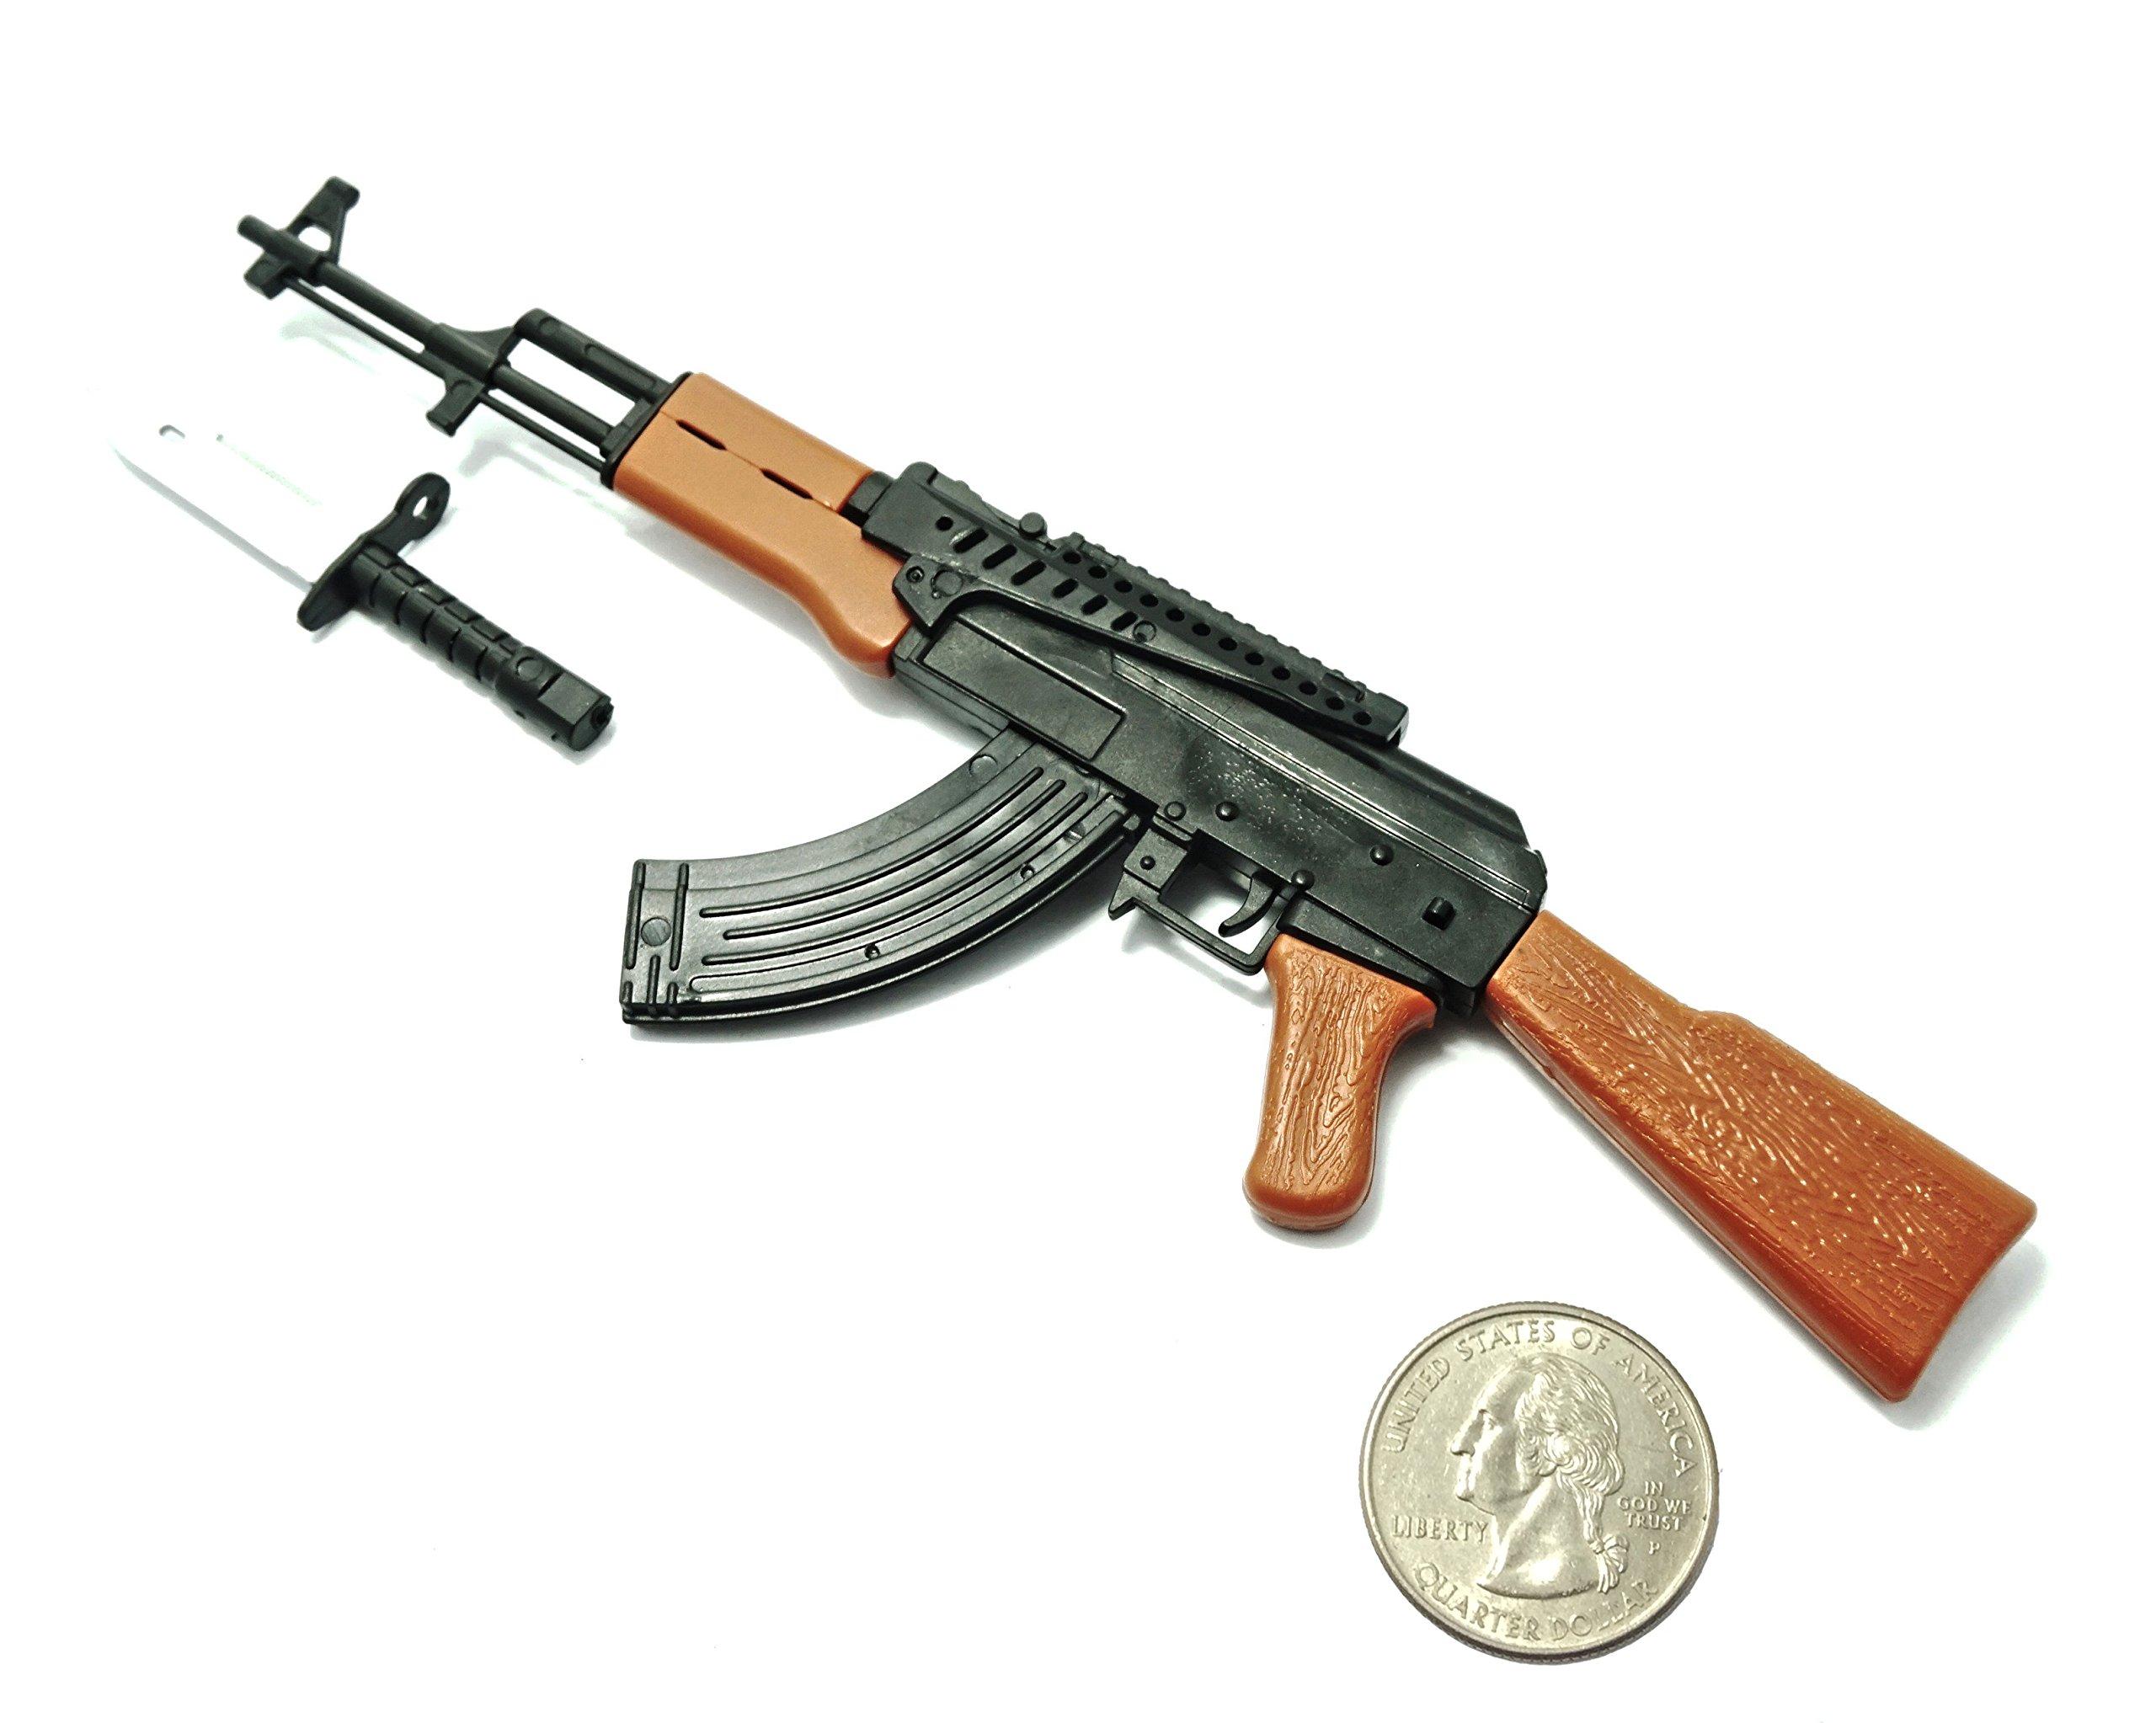 ak47 model toy gun - HD2560×2046